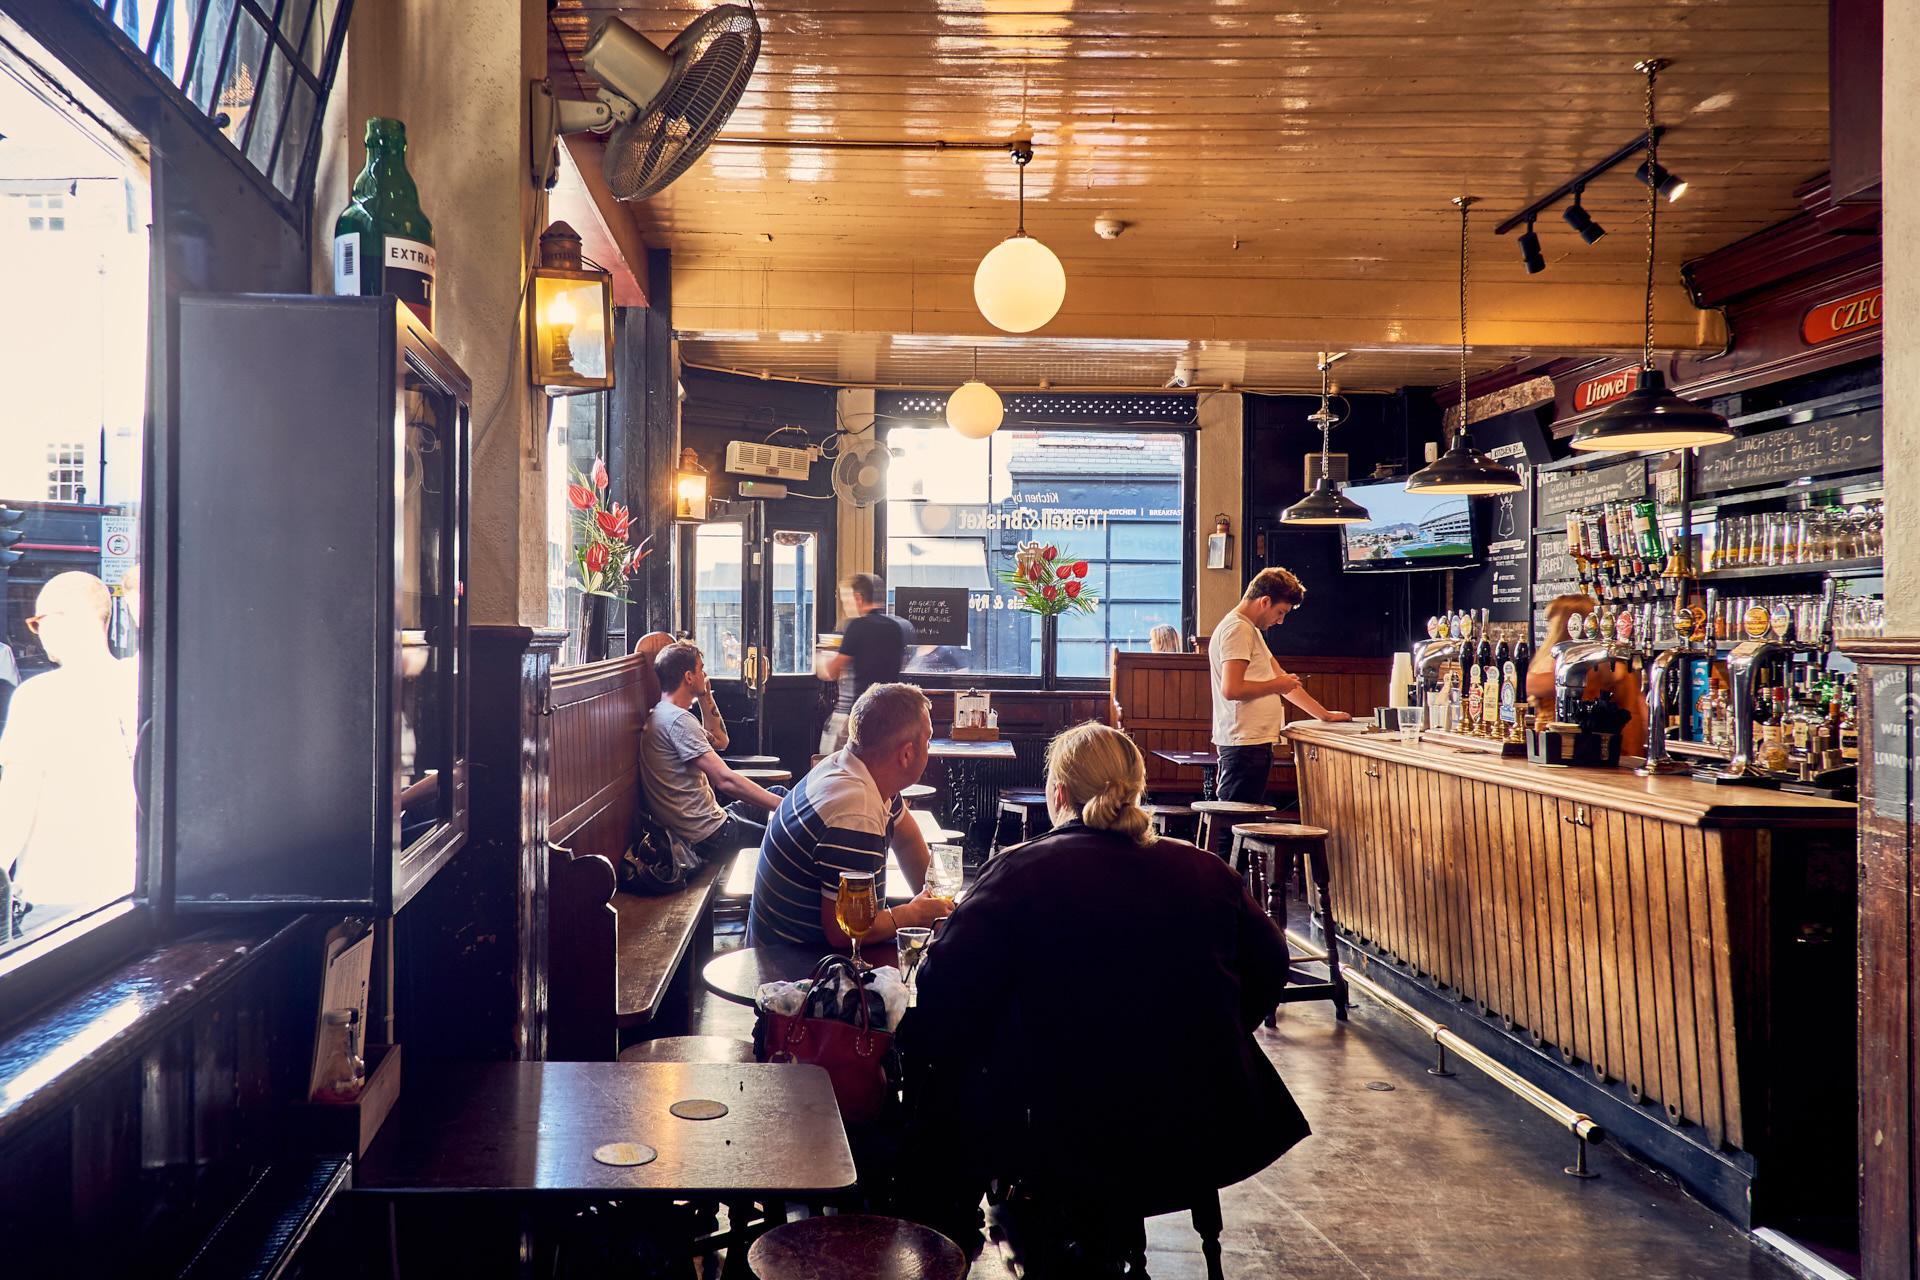 Pub interior.